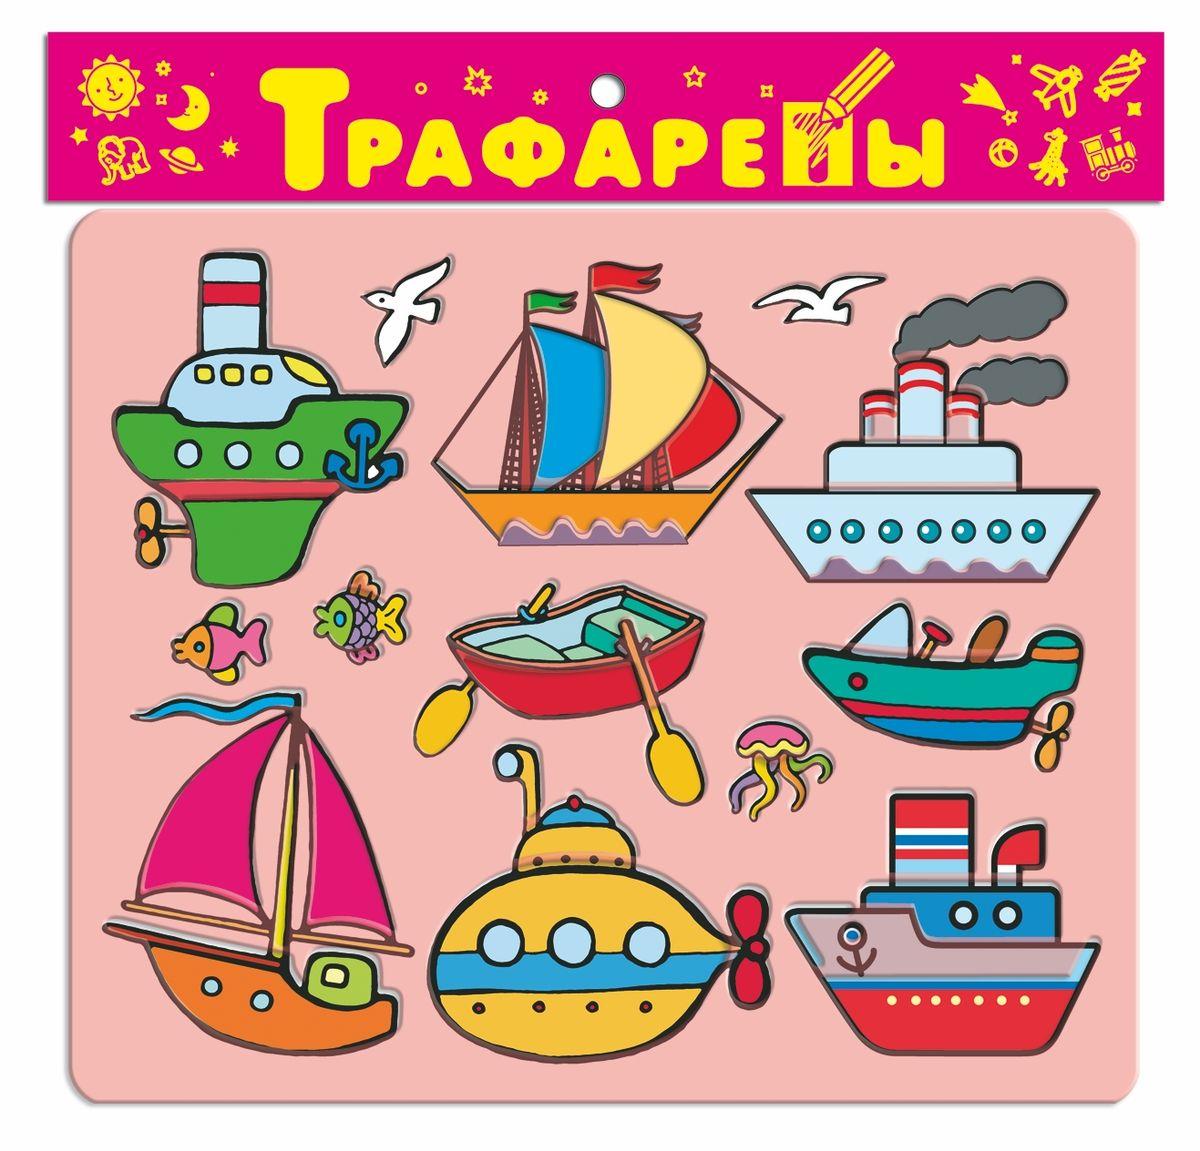 Дрофа-Медиа Пазл для малышей Морской транспорт1619С помощью трафаретов дети научатся обводить контуры предметов, дорисовывать и раскрашивать получившиеся изображения, глядя на цветную картинку-образец. В дальнейшем ребята смогут рисовать не только отдельные фигурки, но и сюжетные композиции с использованием нескольких предметов.